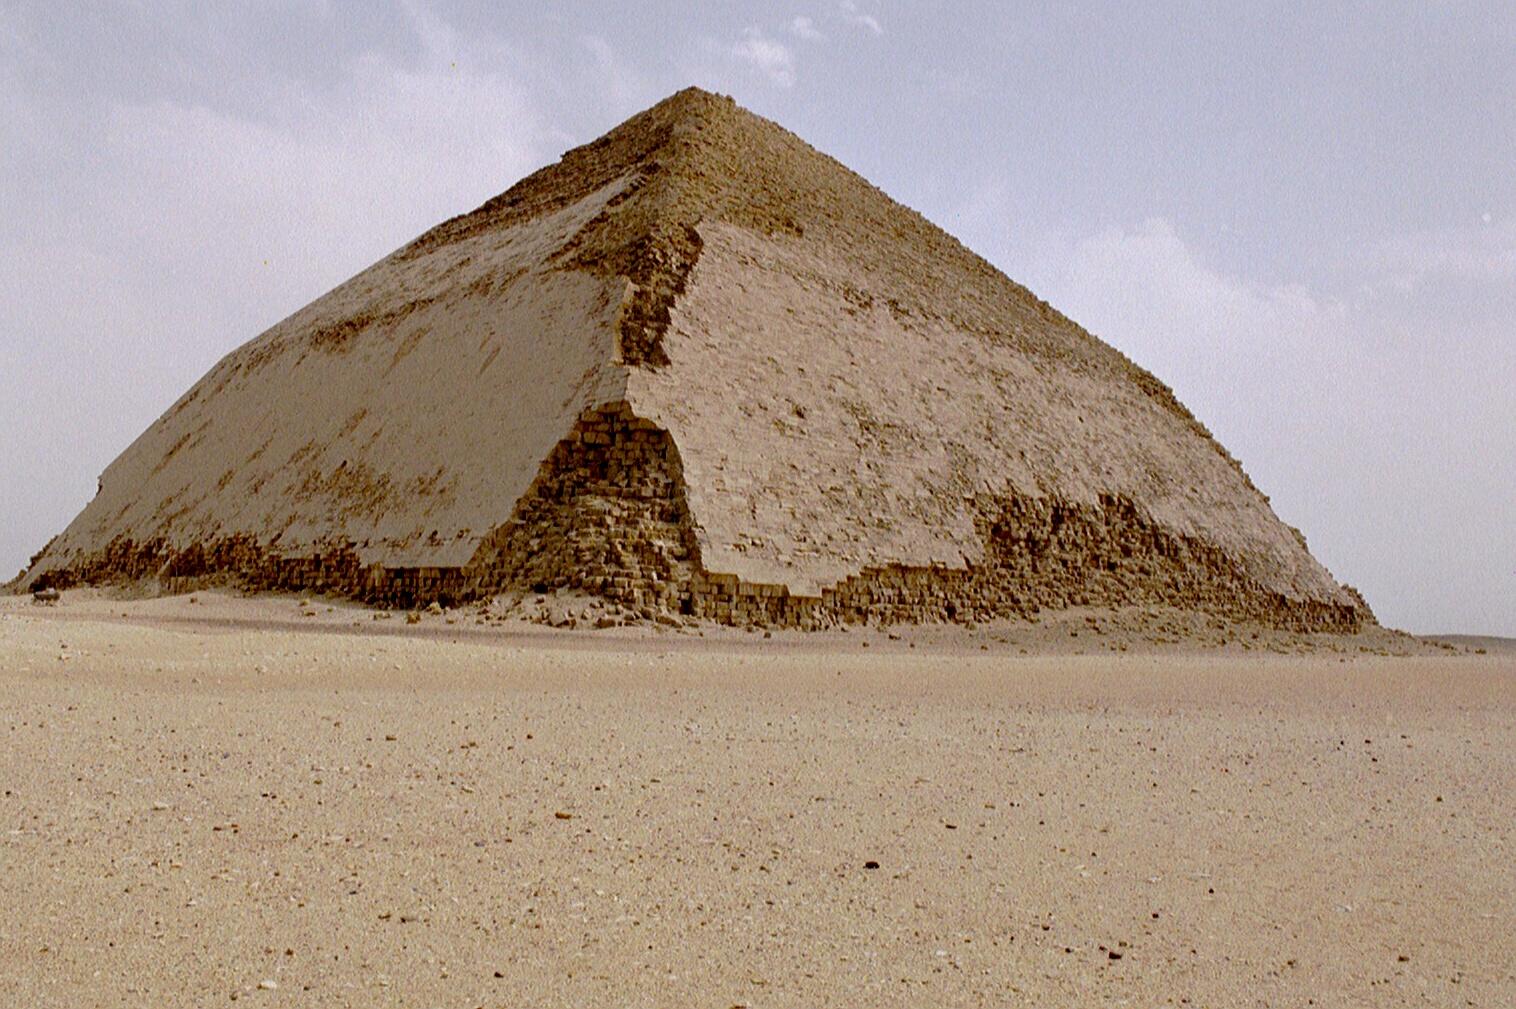 ギザの大ピラミッドの画像 p1_6